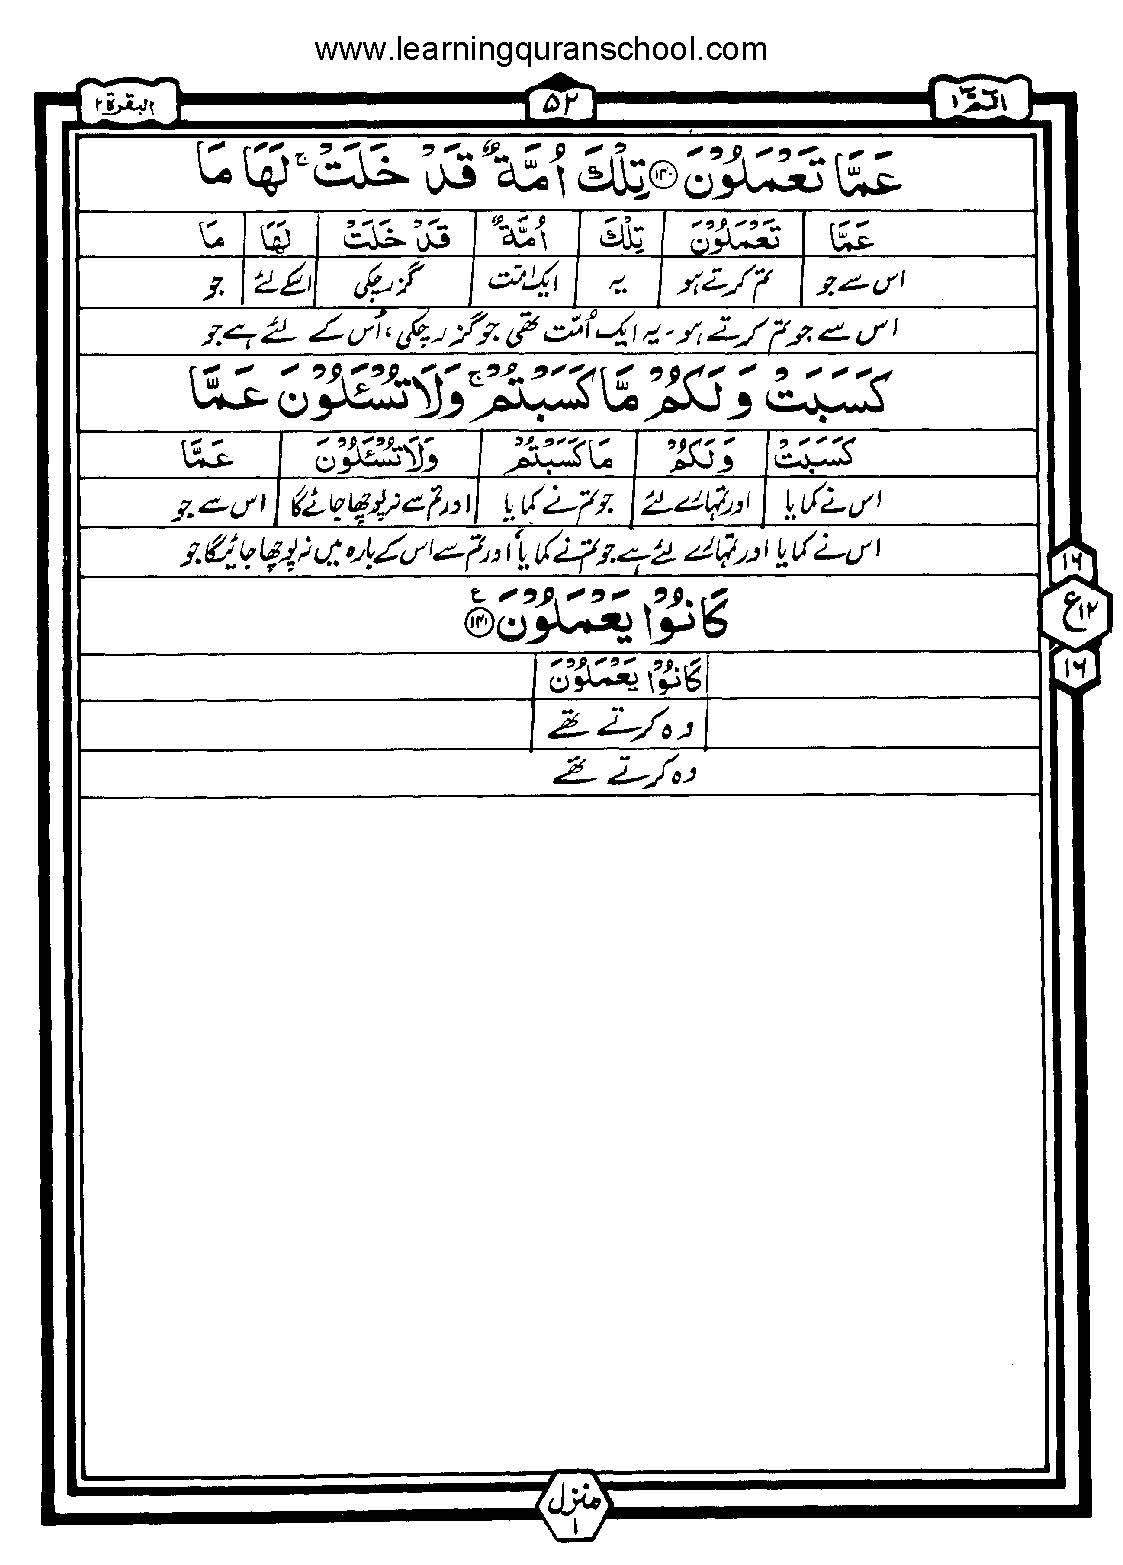 English Quran Translation | Wiring Diagram Database